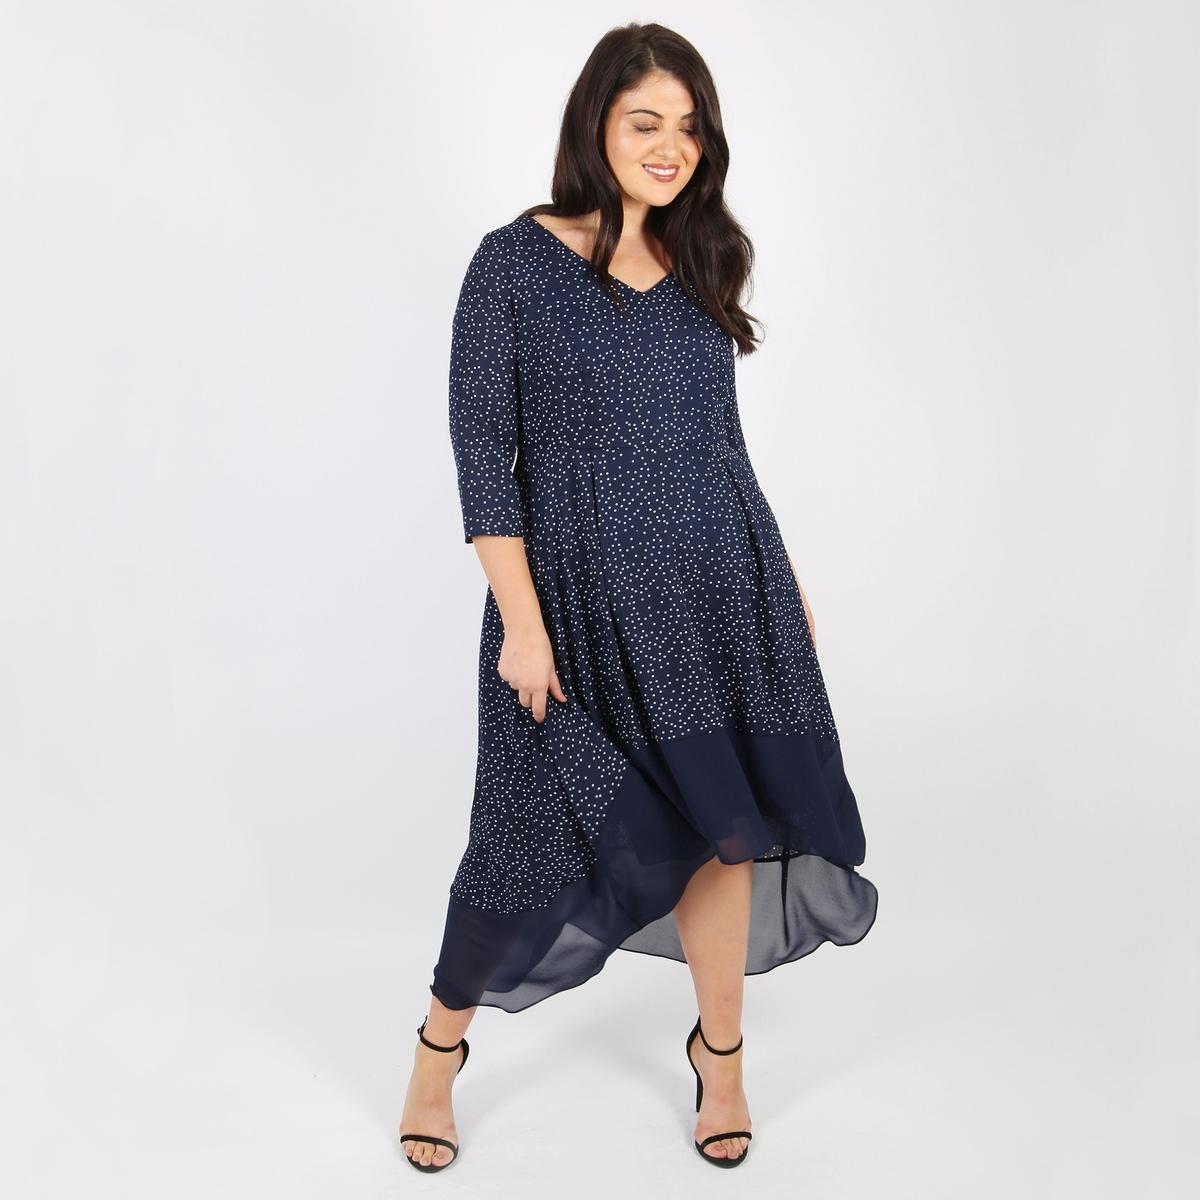 Платье расклешенное средней длины с рисунком в горошек